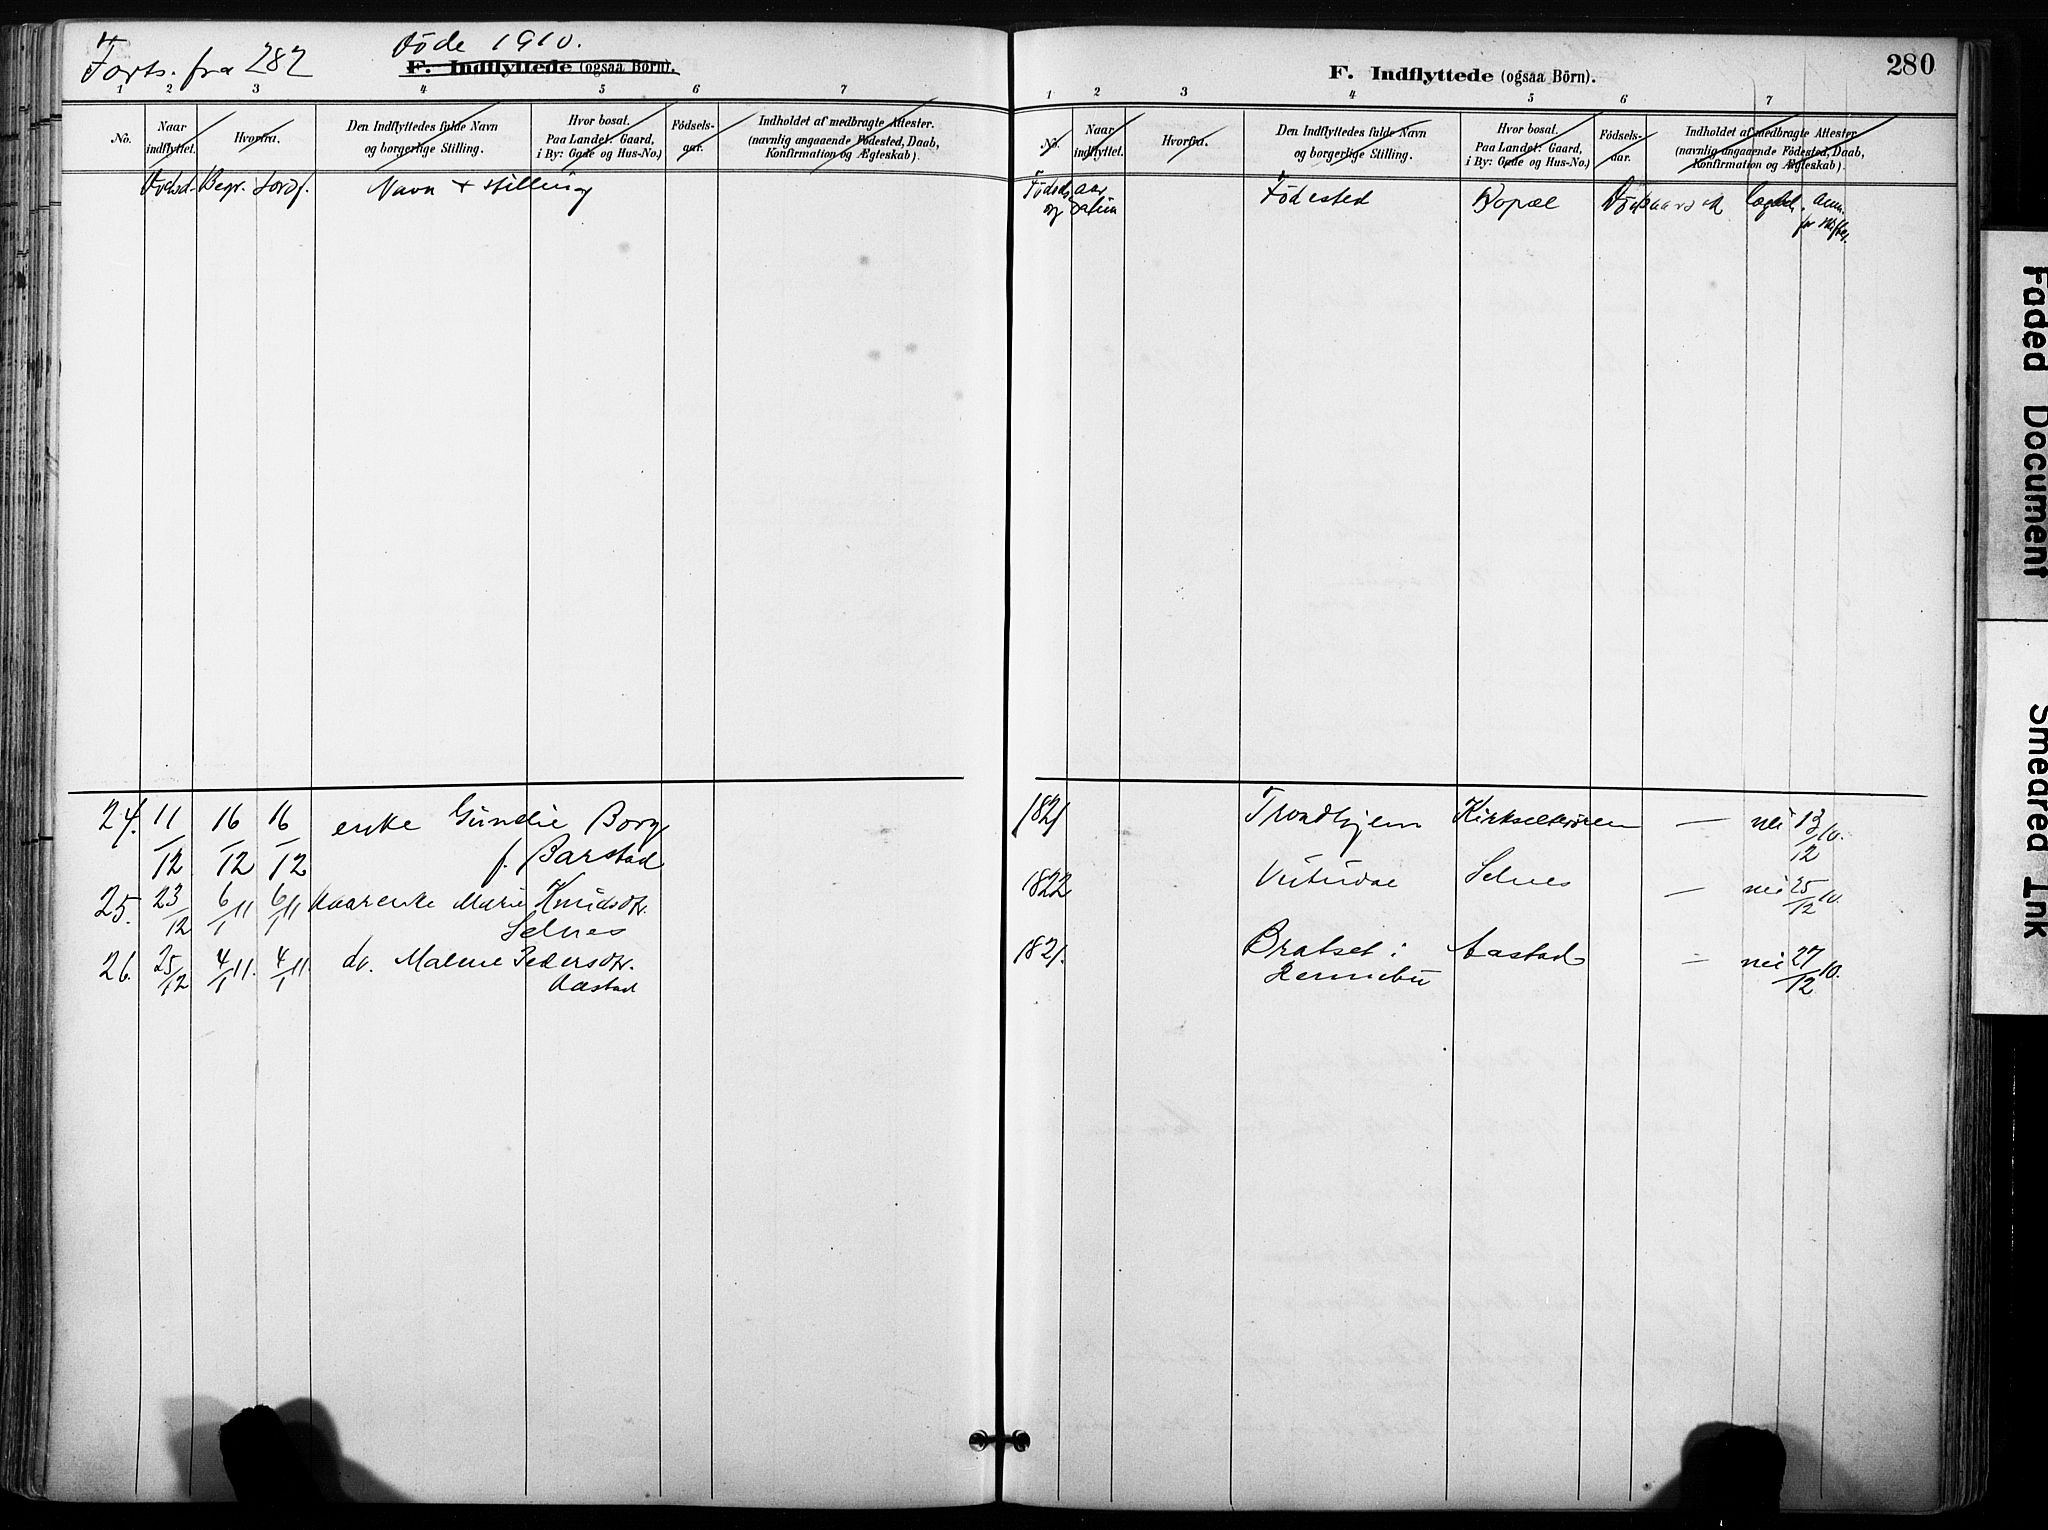 SAT, Ministerialprotokoller, klokkerbøker og fødselsregistre - Sør-Trøndelag, 630/L0497: Ministerialbok nr. 630A10, 1896-1910, s. 280